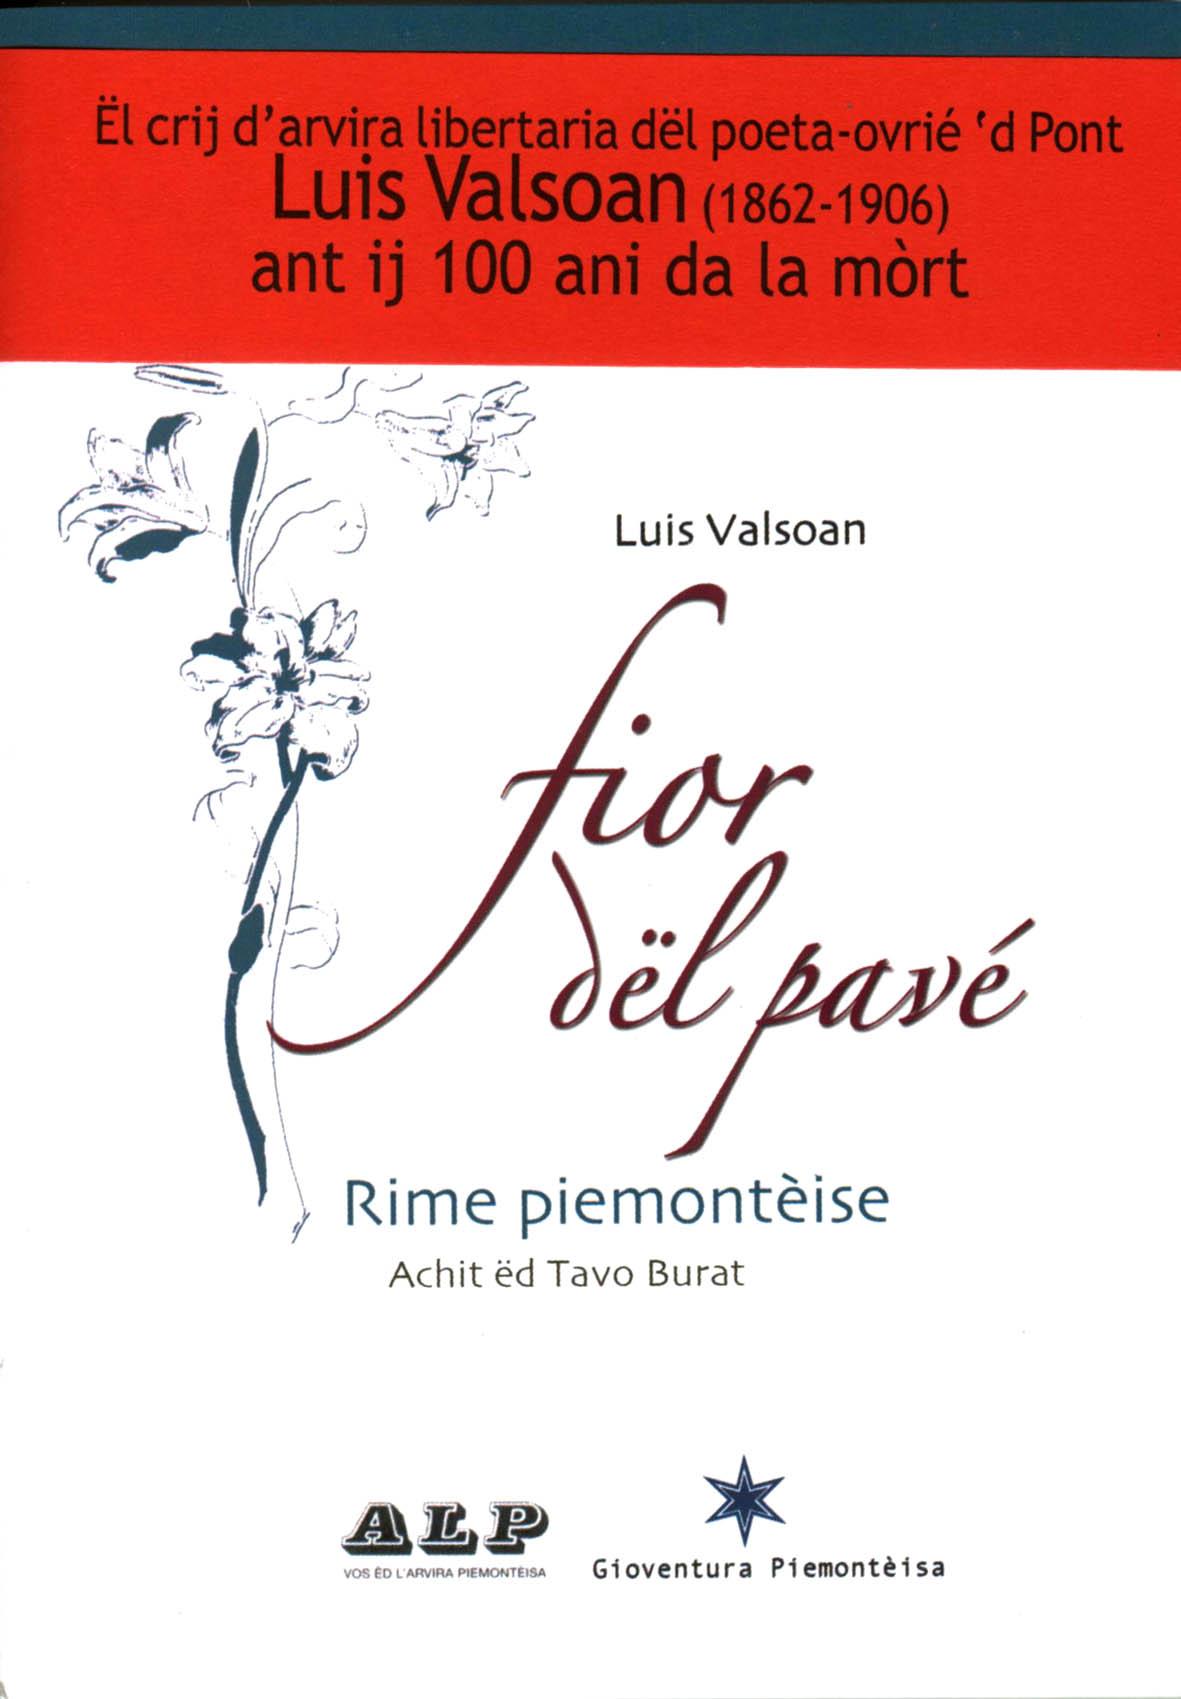 «Fior dël Pavé», con l'achit ëd Tavo Burat, a l'é stàit torna stampà ant l'ocasion dij 100 ani da la mòrt ëd Luis Valsoan.